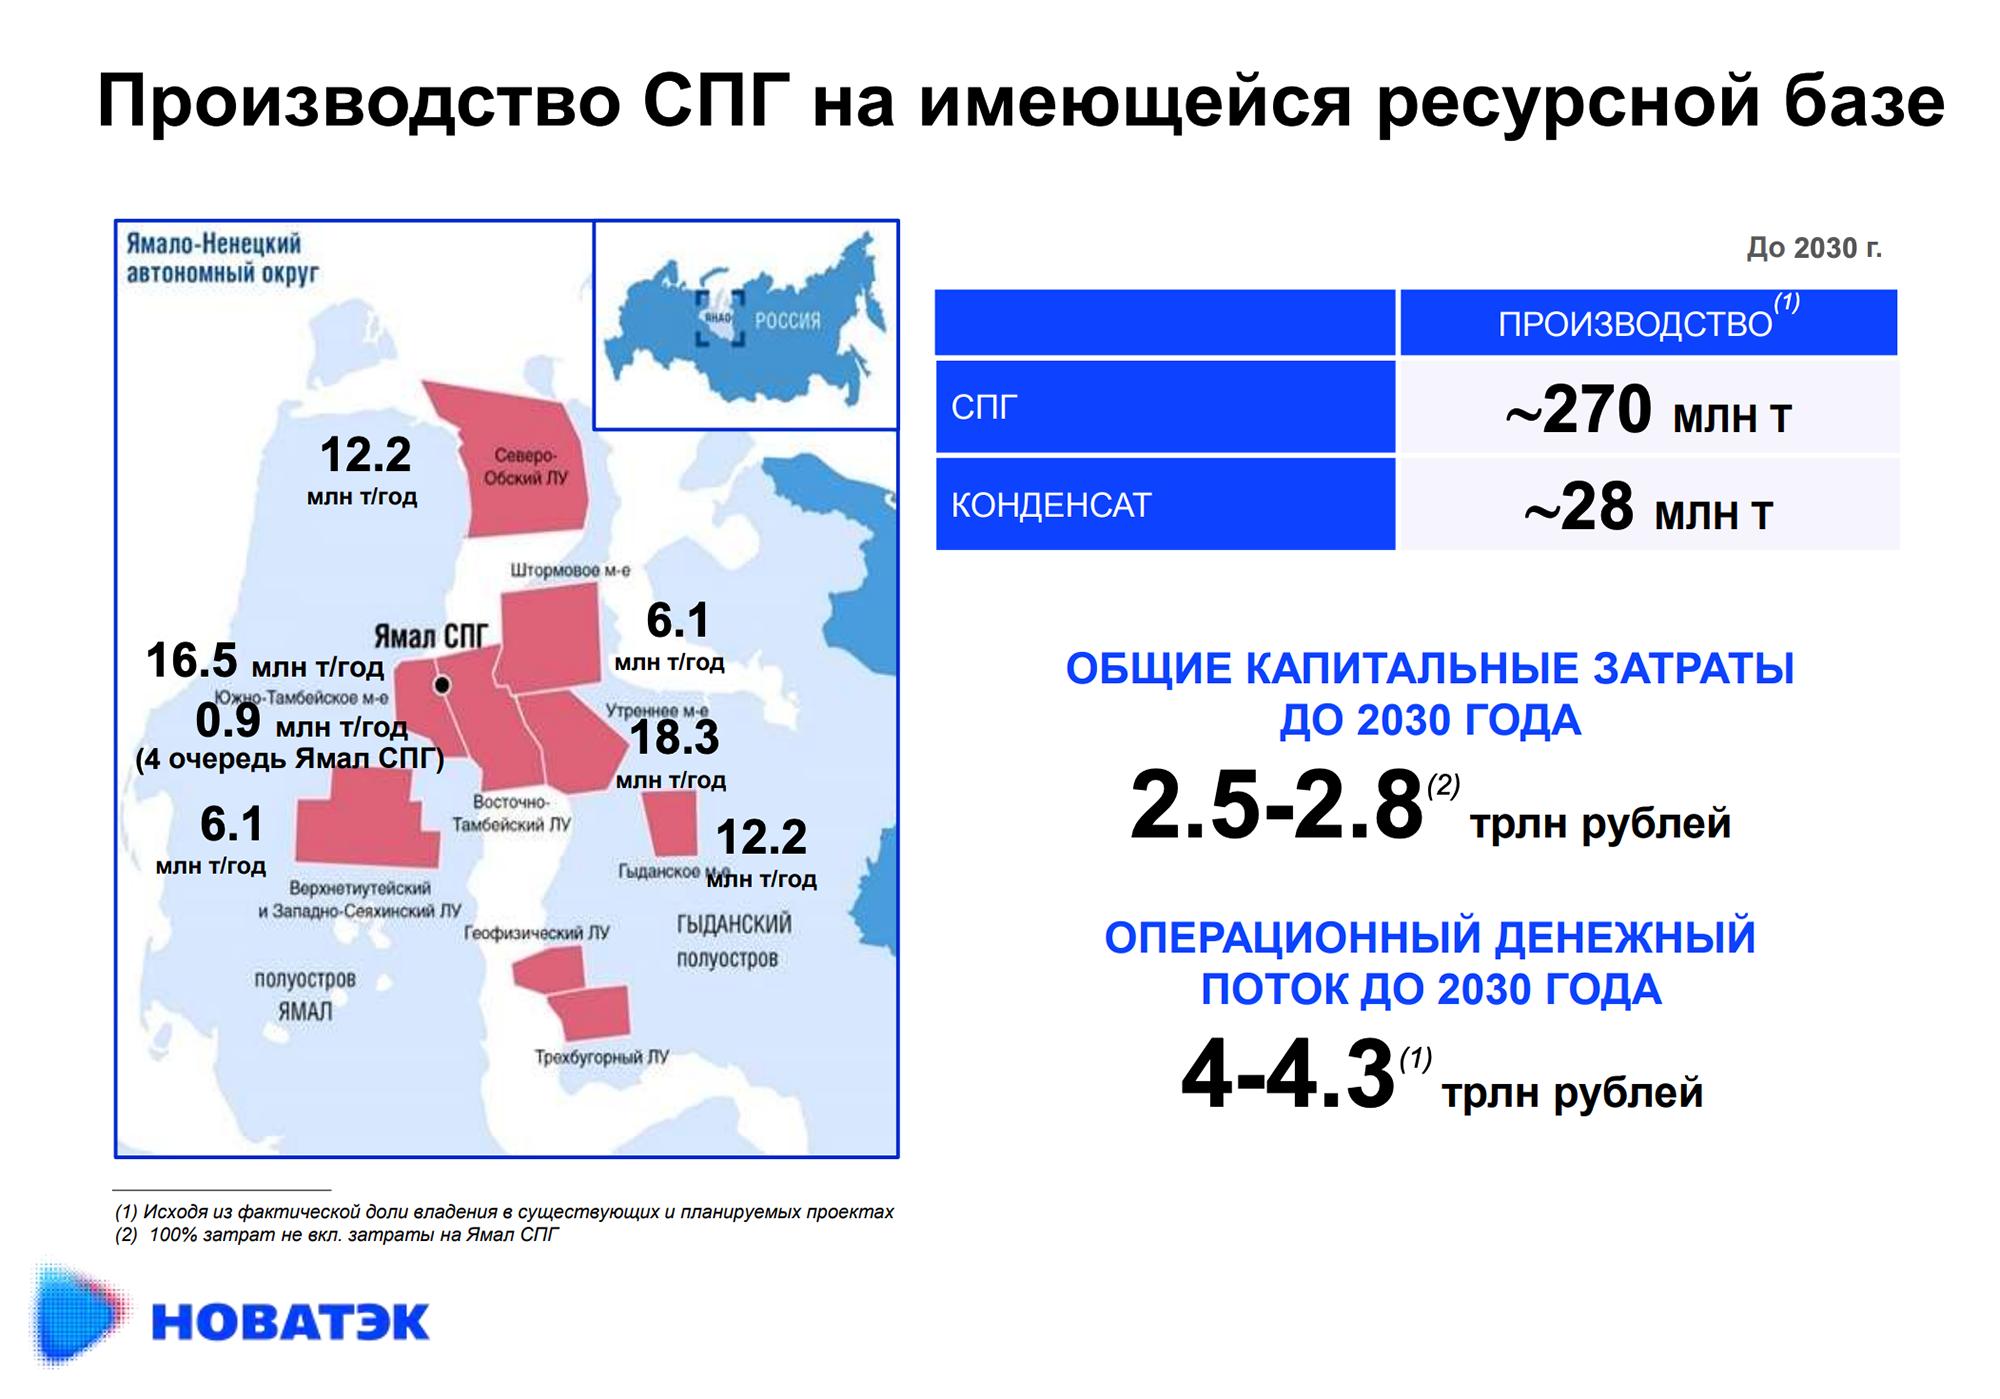 Прогнозы производства СПГ до 2030года. Источник: презентация компании